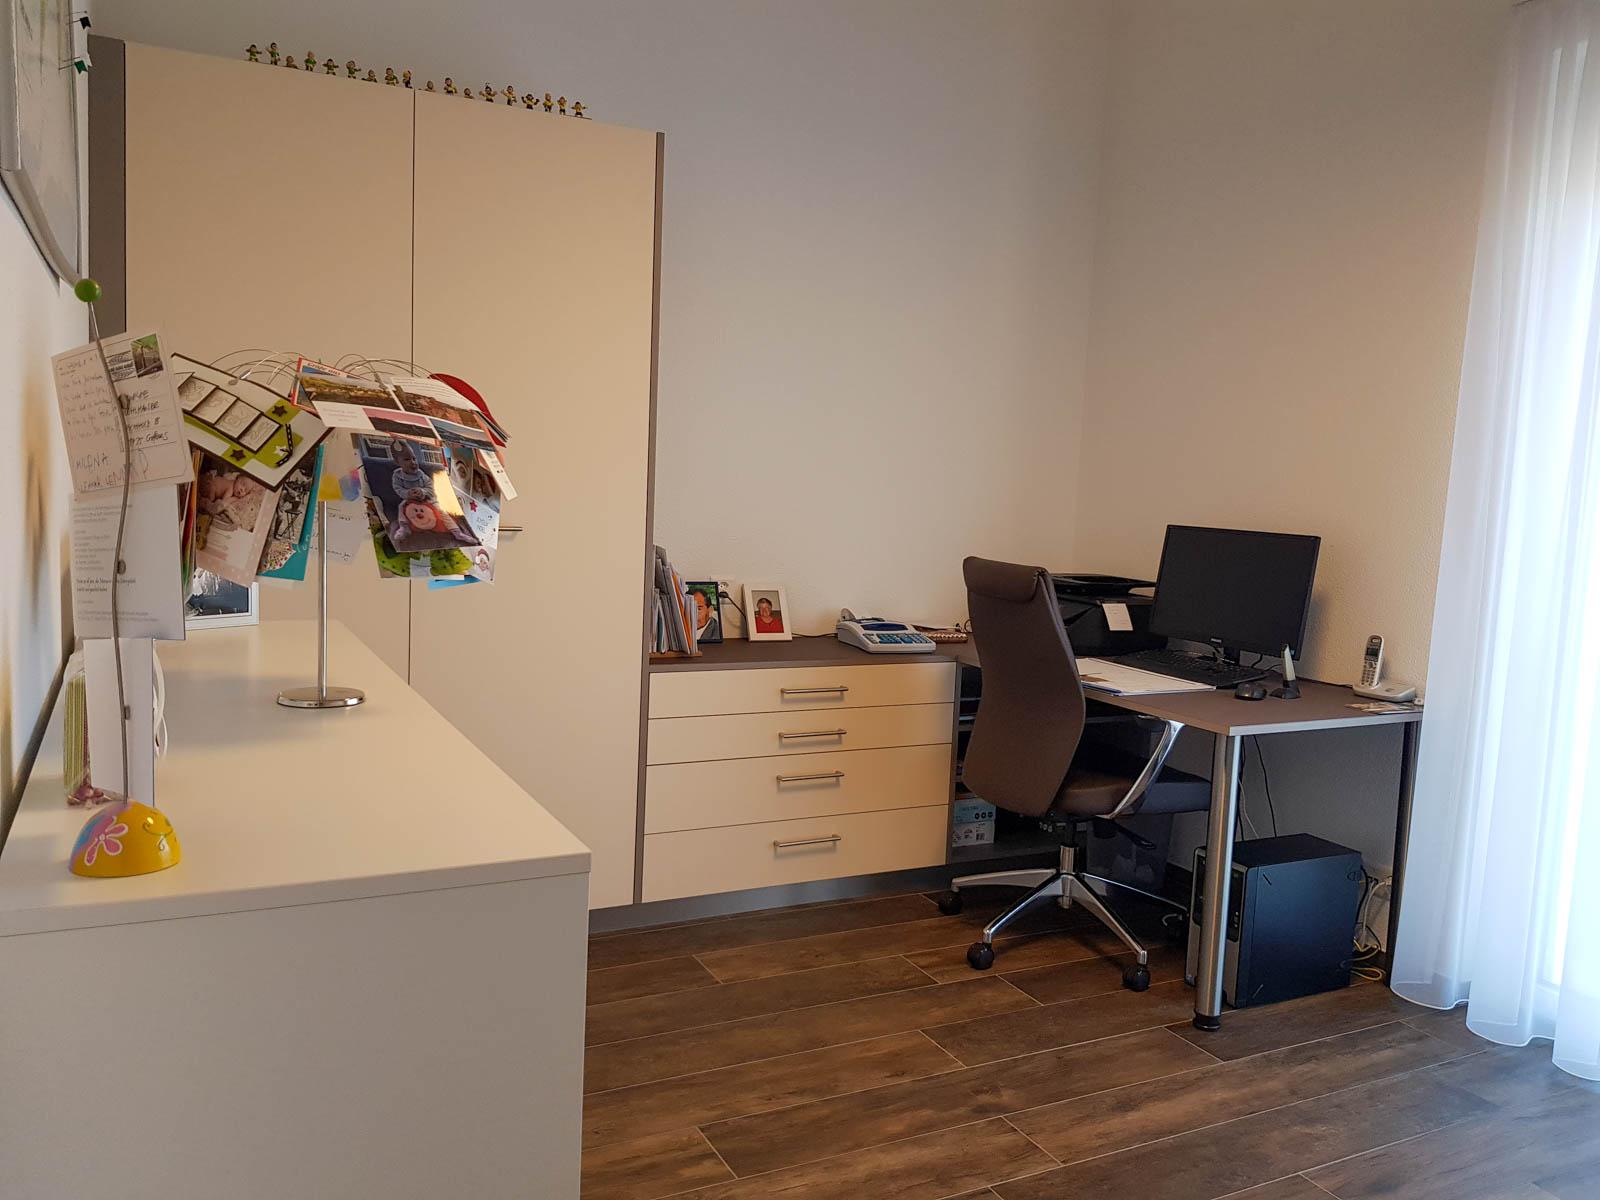 Wooddesign_Büro_Homeoffice_Schreibtisch_Schubladen_Wandschrank (1)